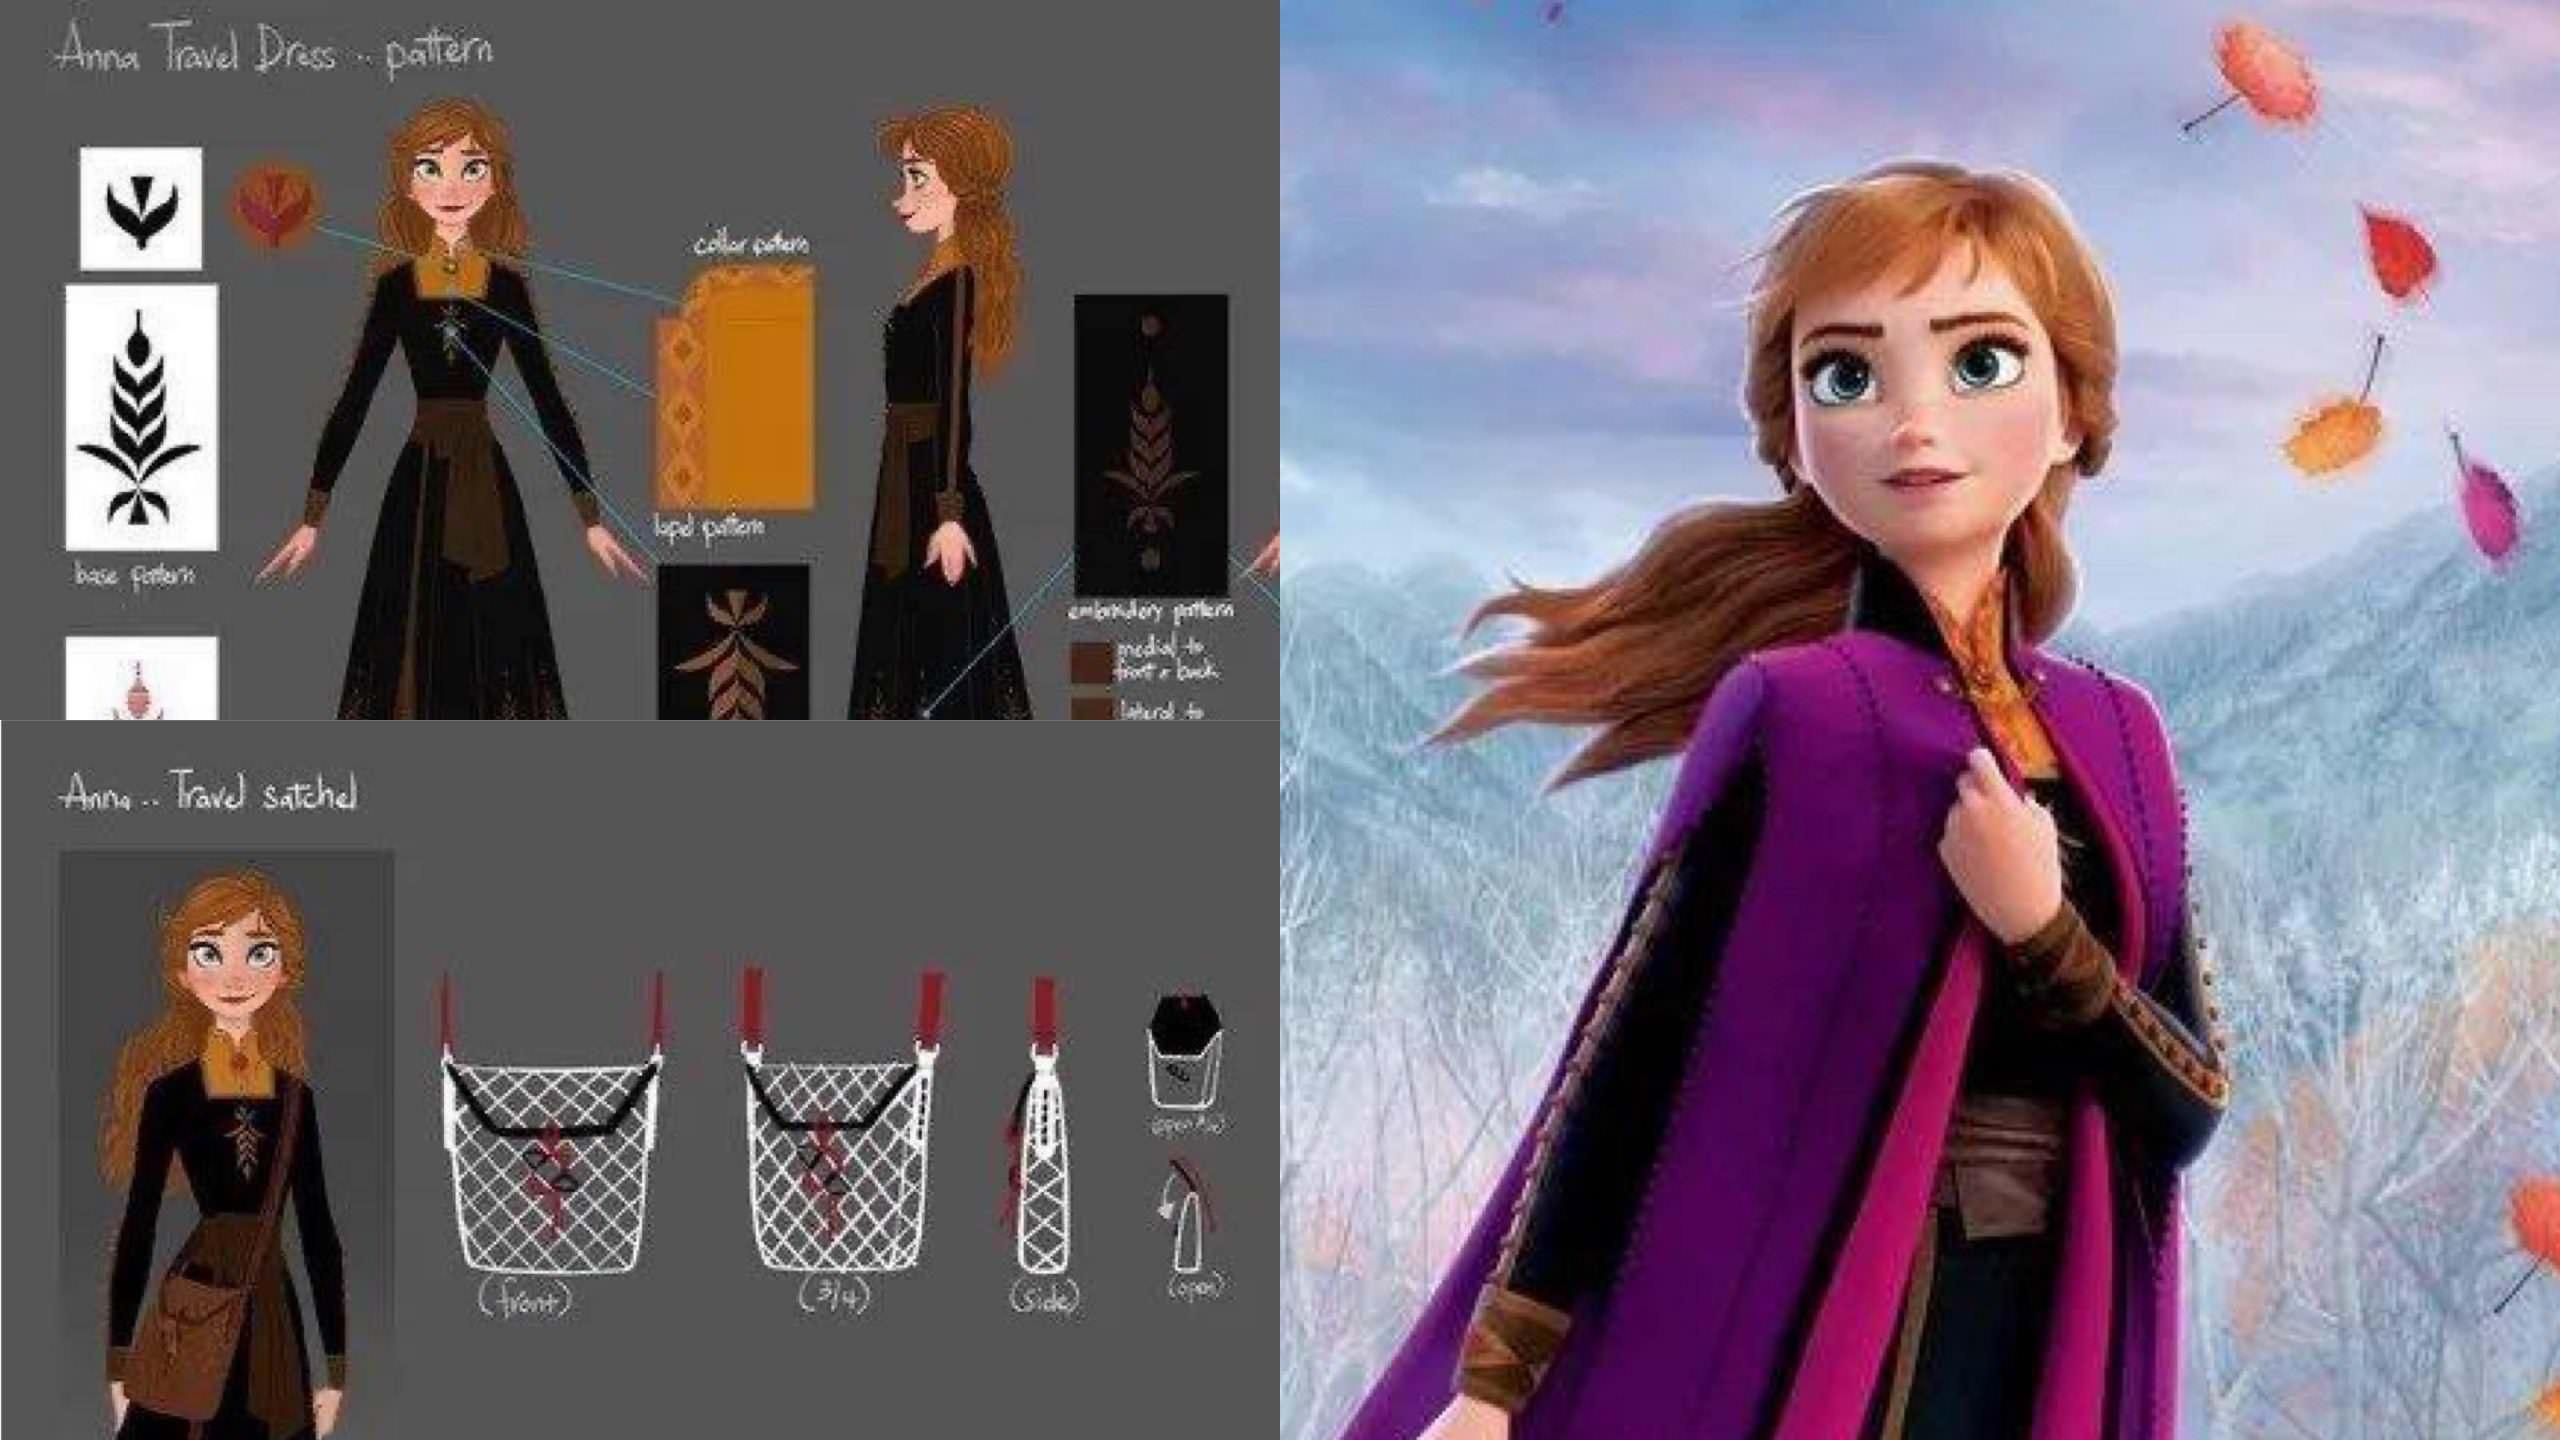 《冰雪奇緣2》不只 Elsa 的禮服暗藏玄機!幕後設計師公開 Anna 的服裝、皇冠和披風「靈感來自這裡」… – 我們用電影寫日記